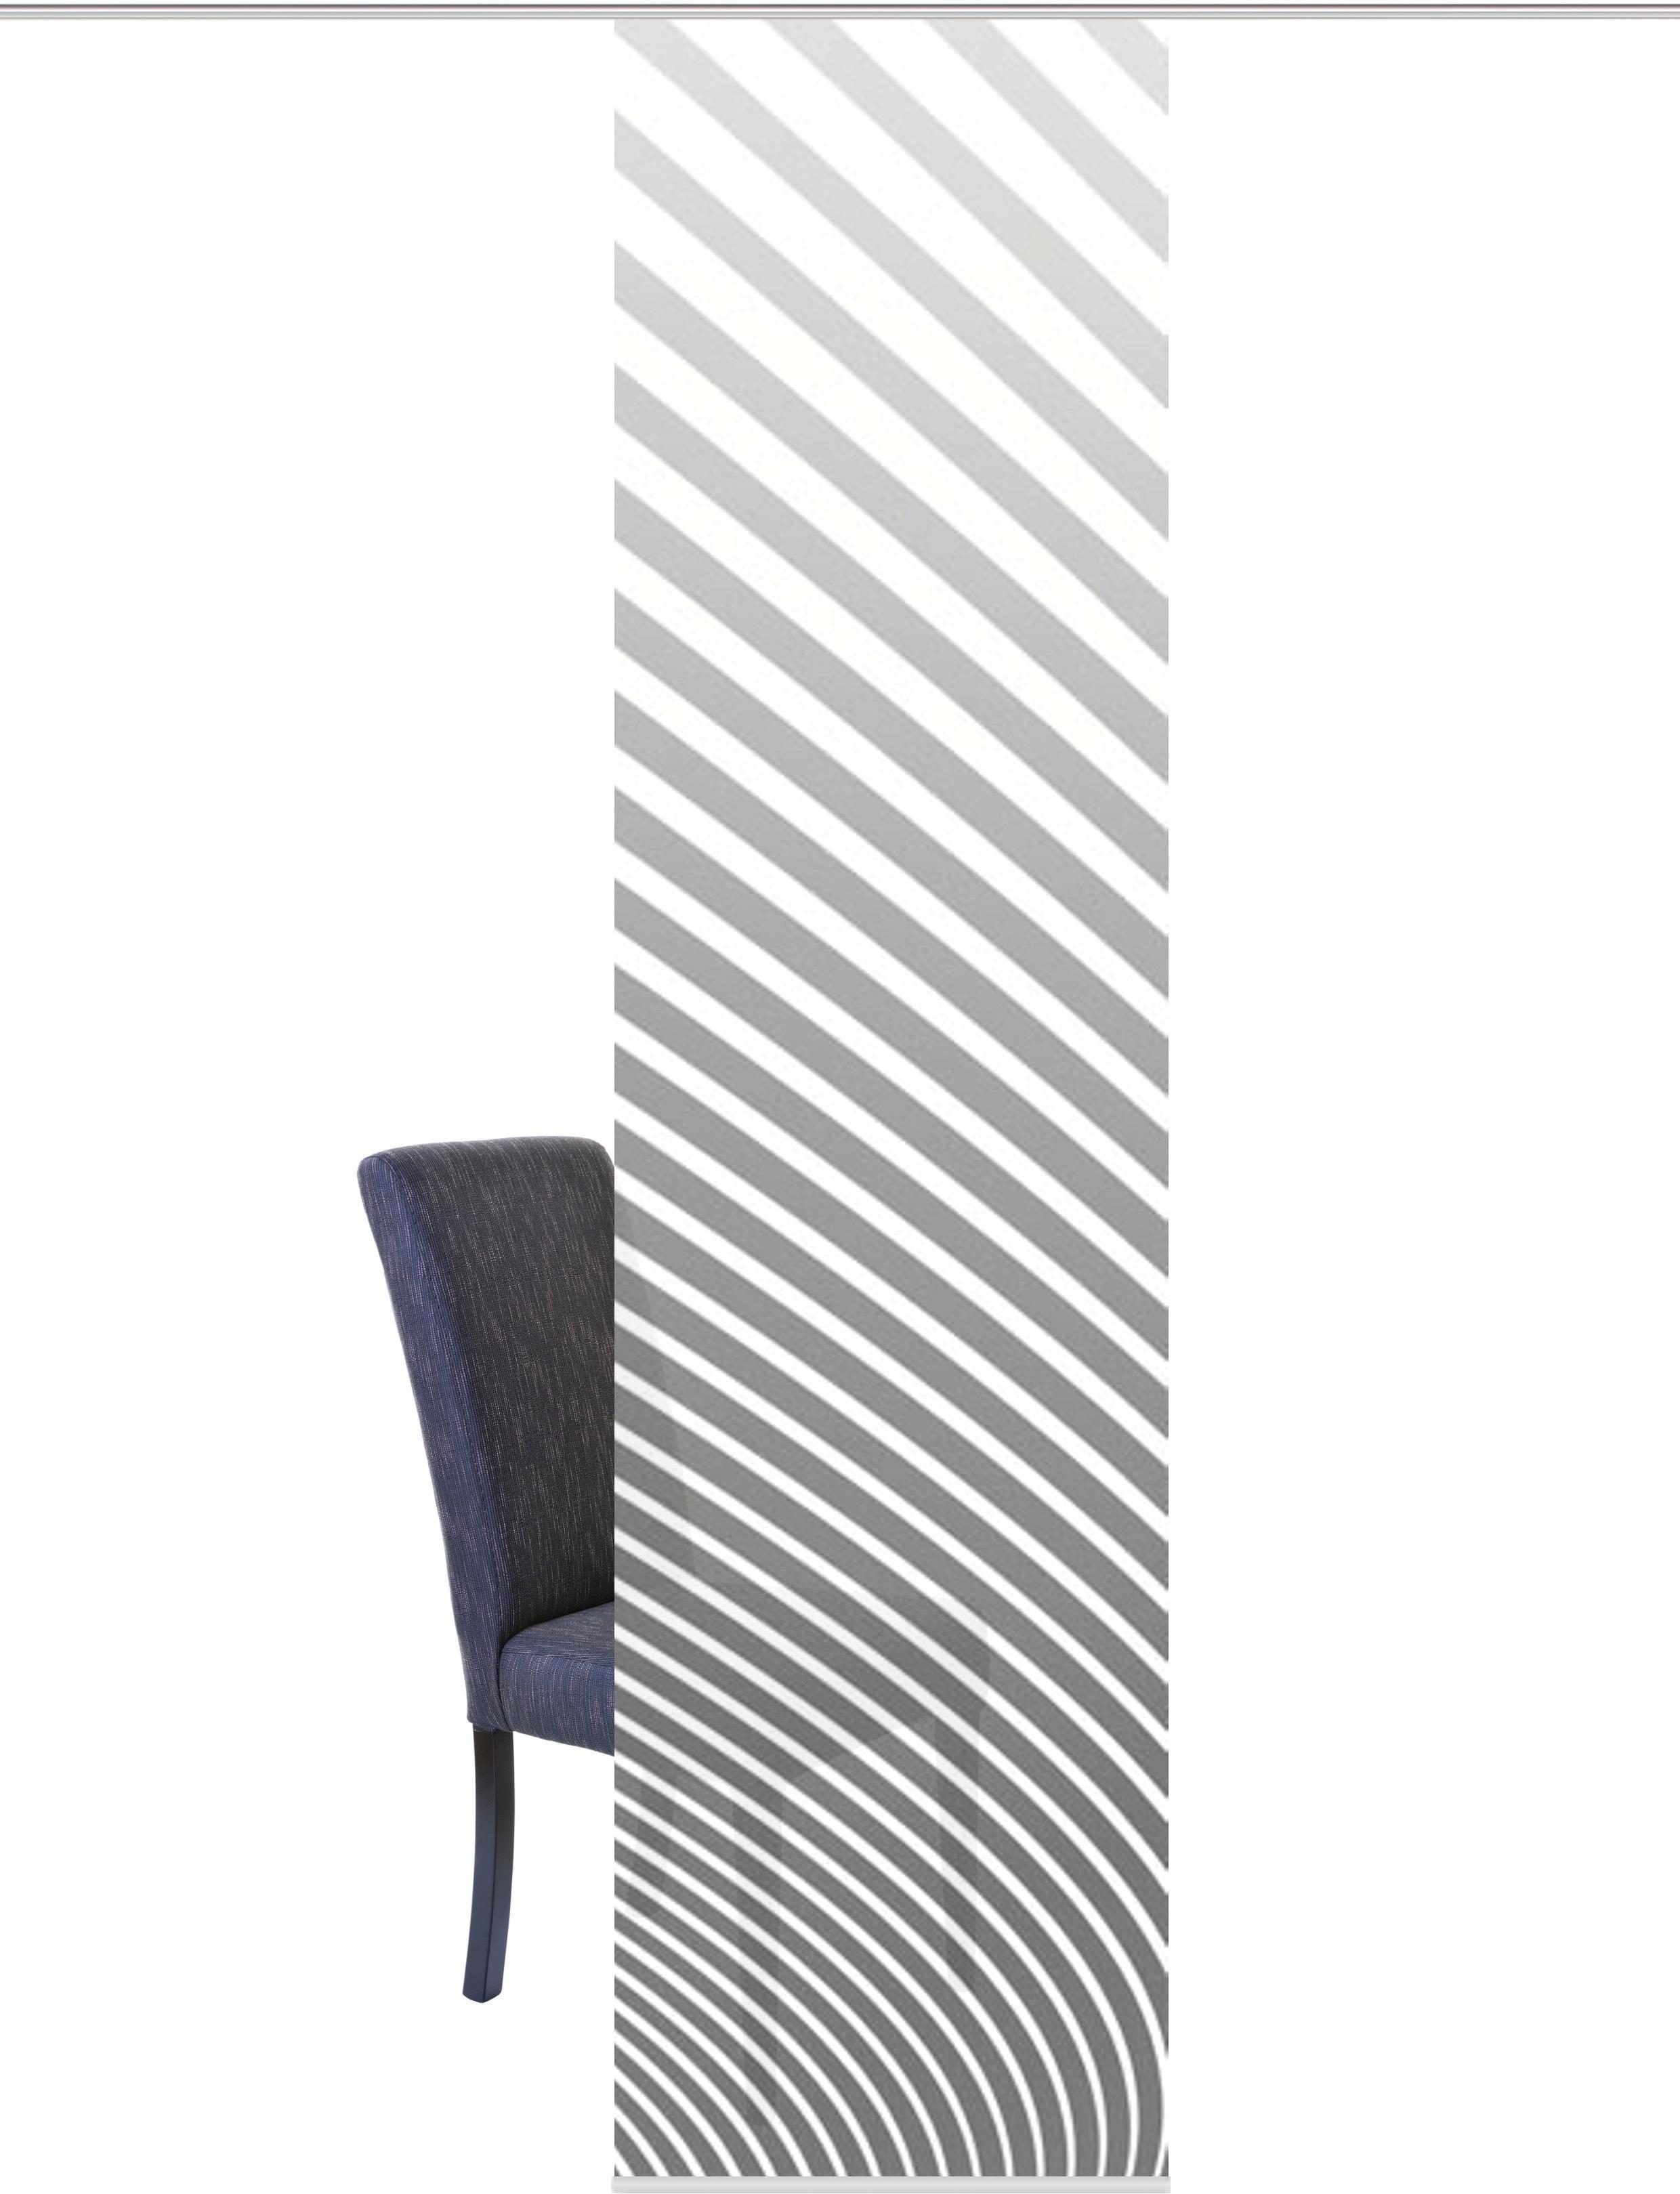 Op zoek naar een HOME WOHNIDEEN paneelgordijn STRIPE-M HxB: 245x60, schuifgordijn decoratiestof digitale print (1 stuk)? Koop online bij OTTO